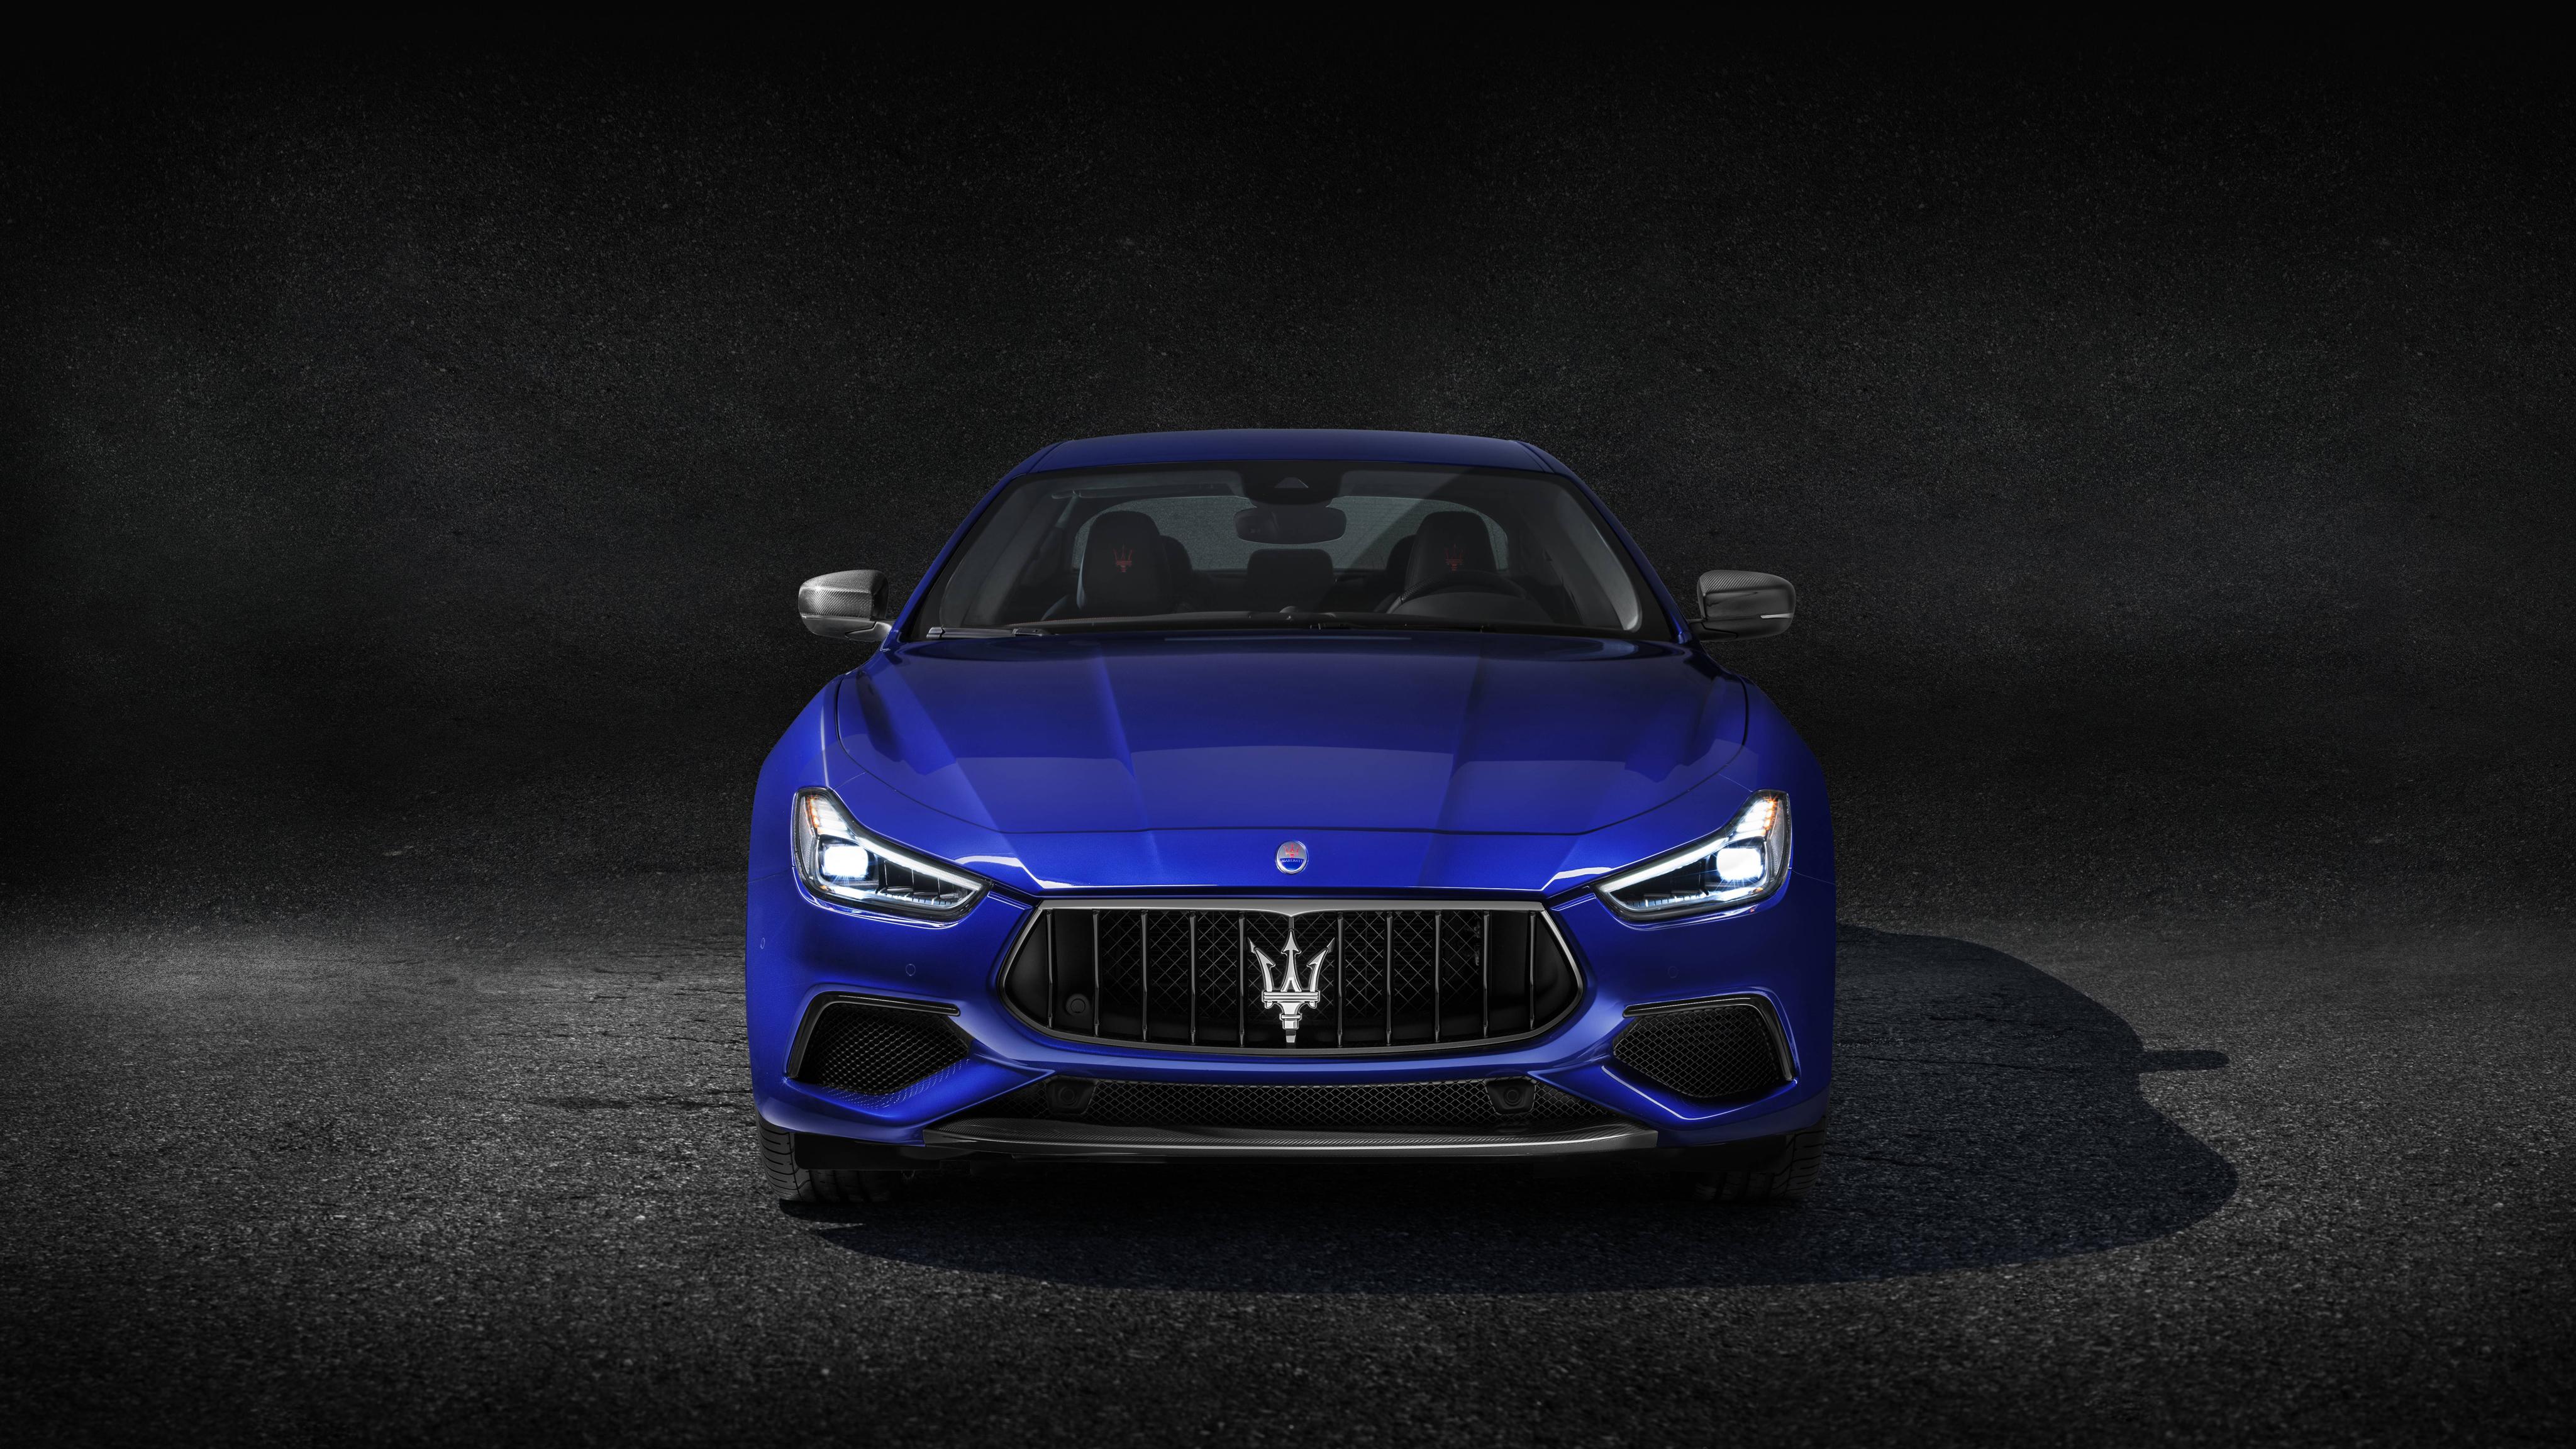 2018 Maserati Ghibli Gransport 4k Wallpaper Hd Car Wallpapers